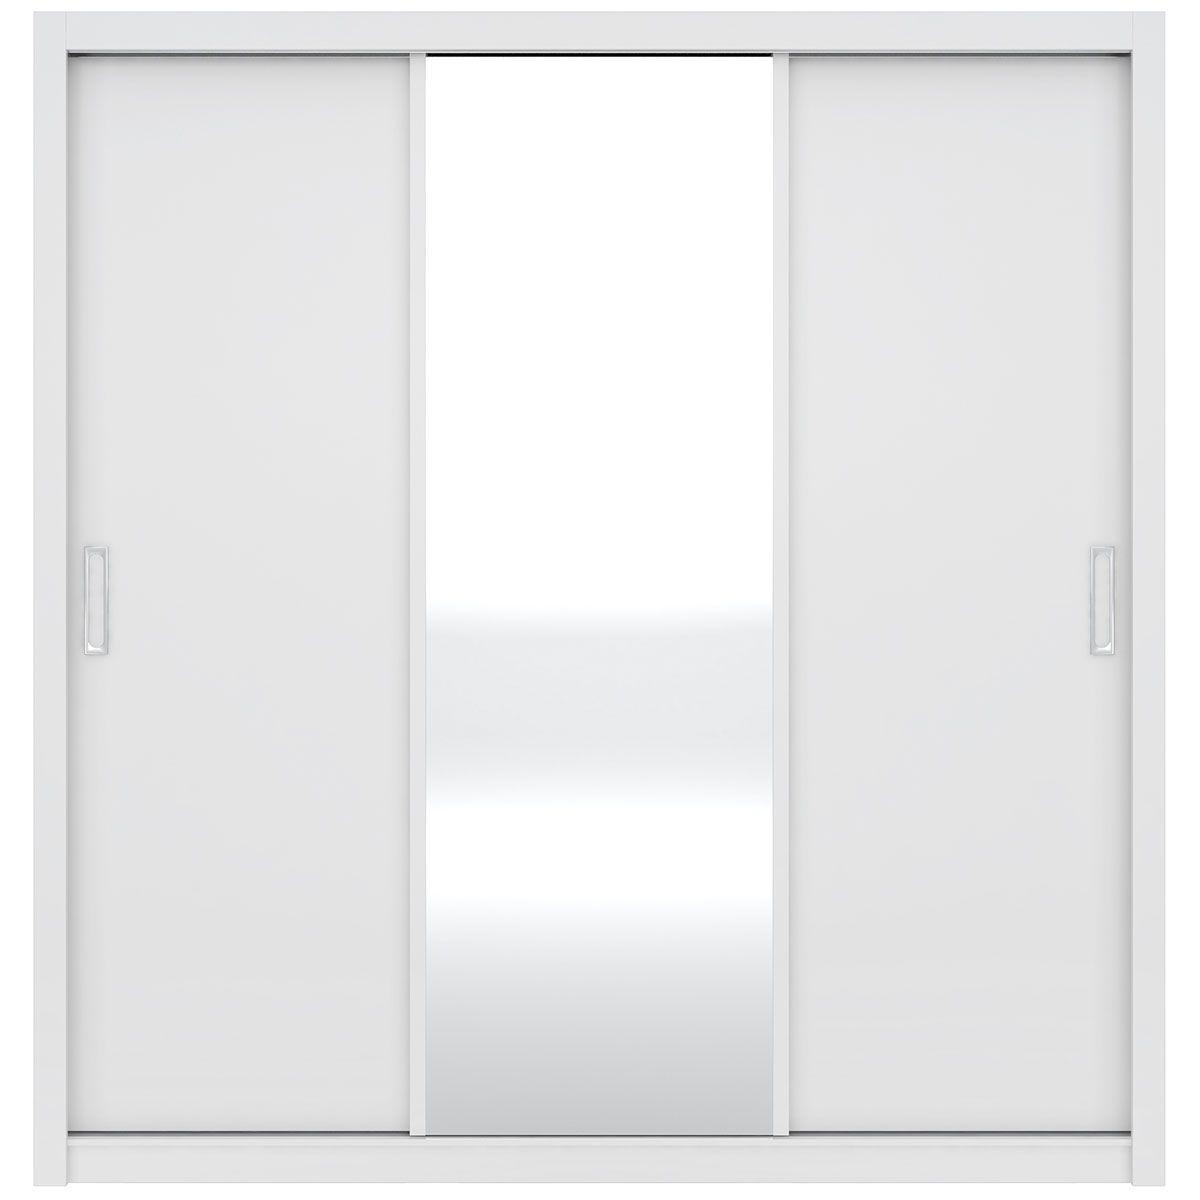 Guarda-Roupa Residence 3 Portas de Correr Branco Demóbile